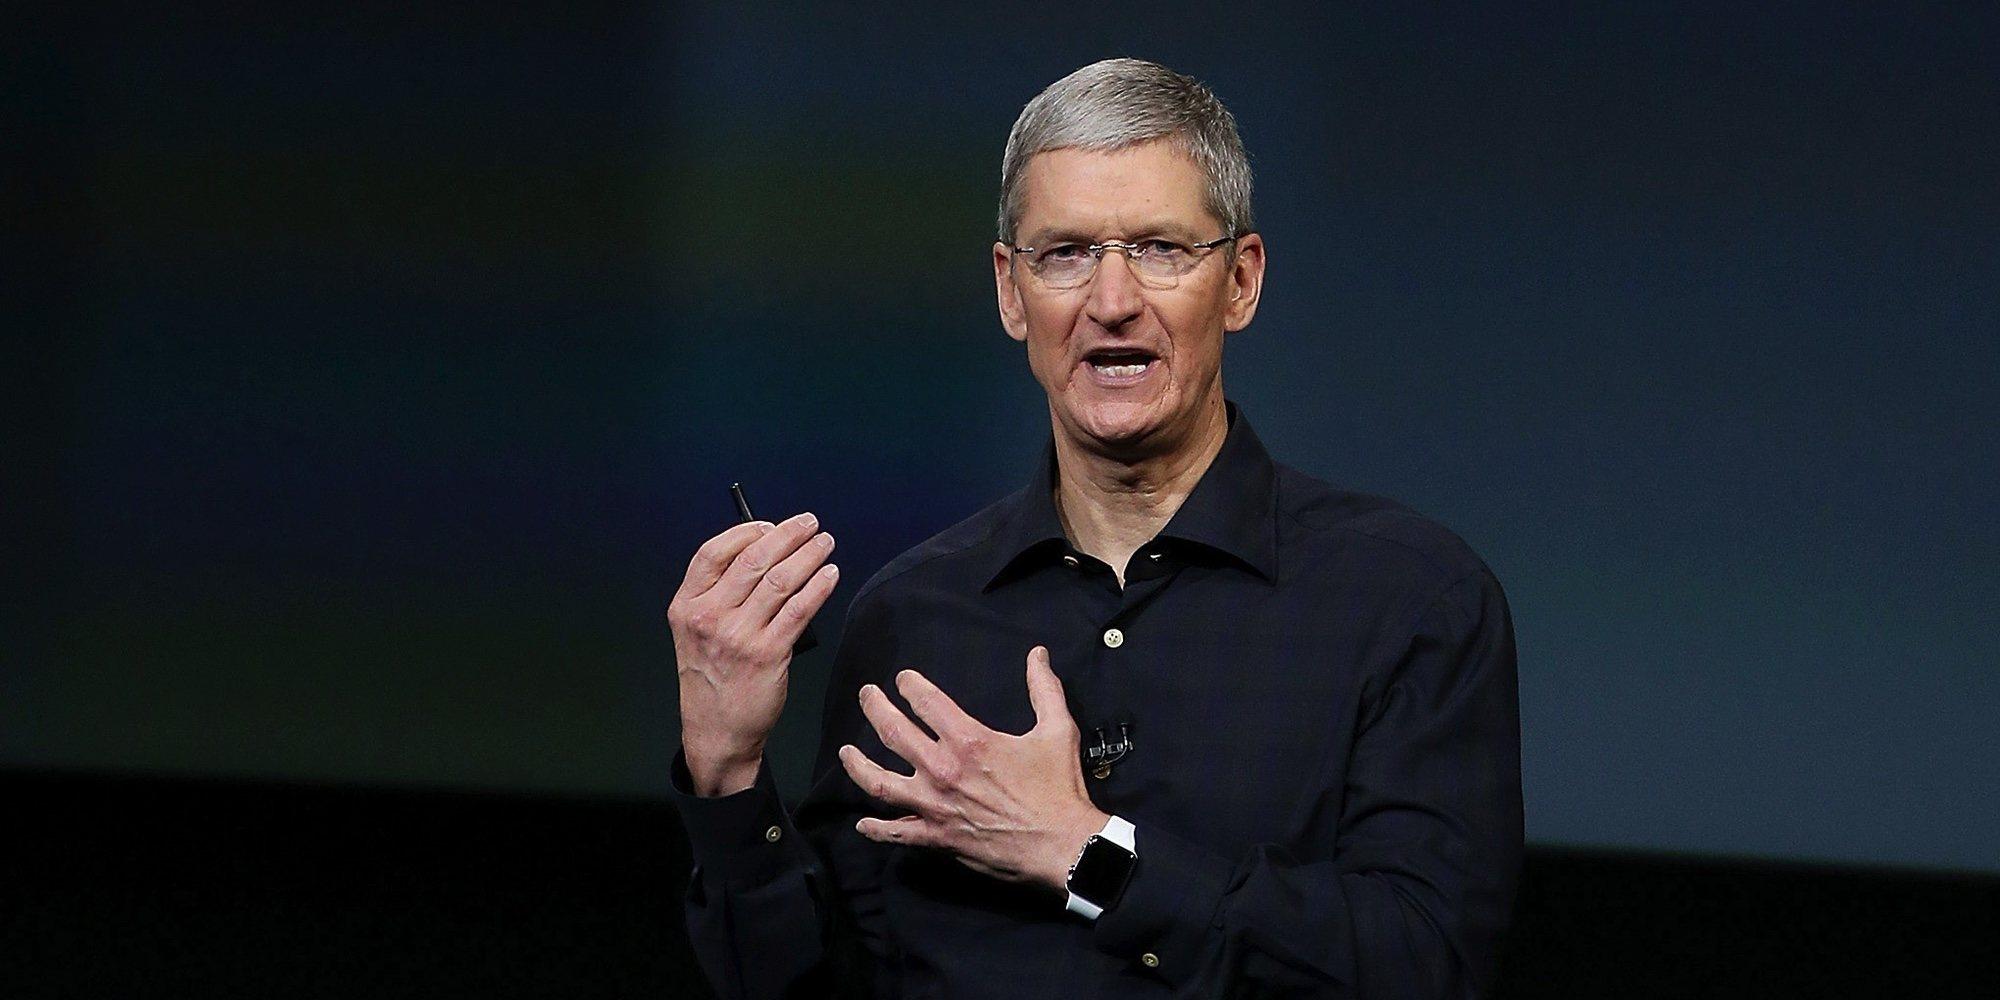 Tim Cook anuncia que Apple donará material médico para ayudar a la lucha contra el coronavirus